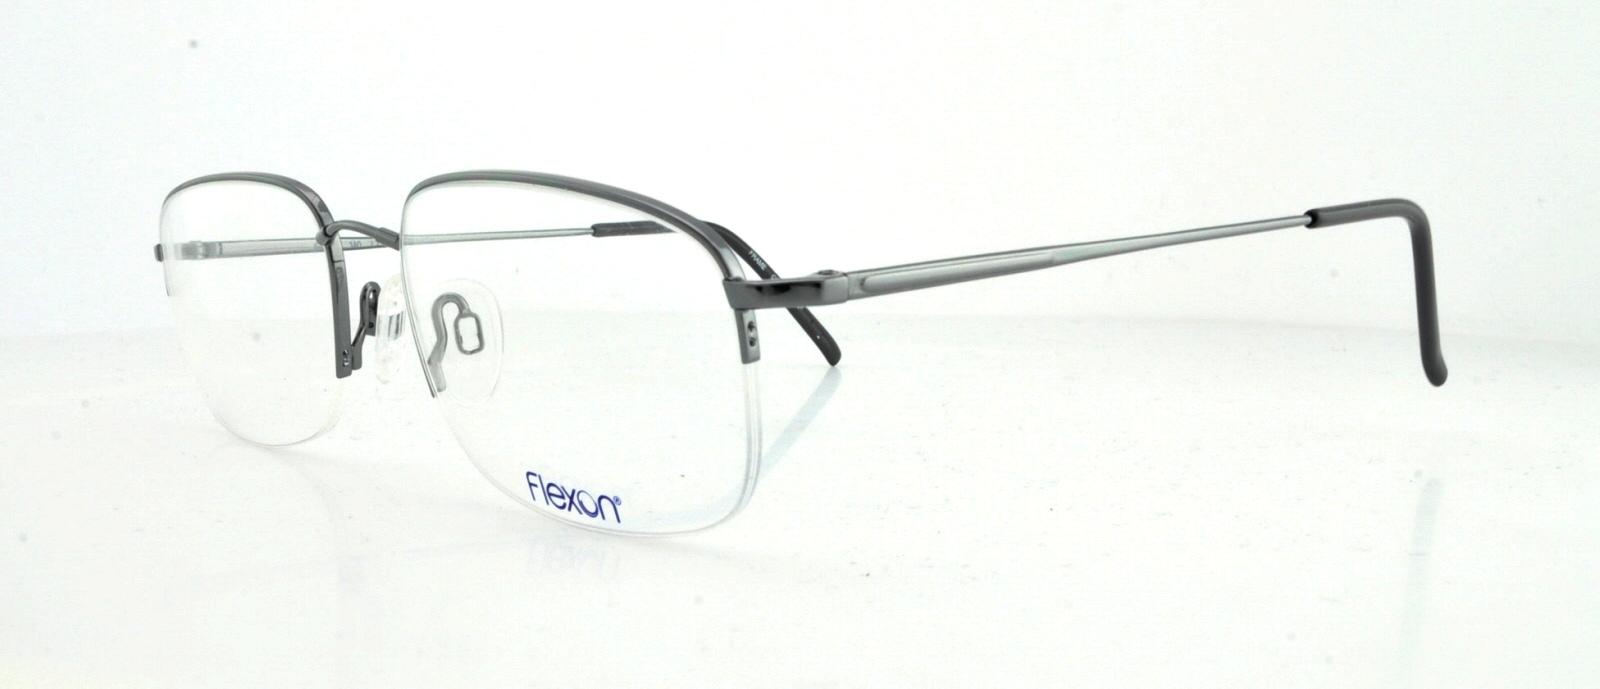 Designer Frames Outlet. Flexon 606